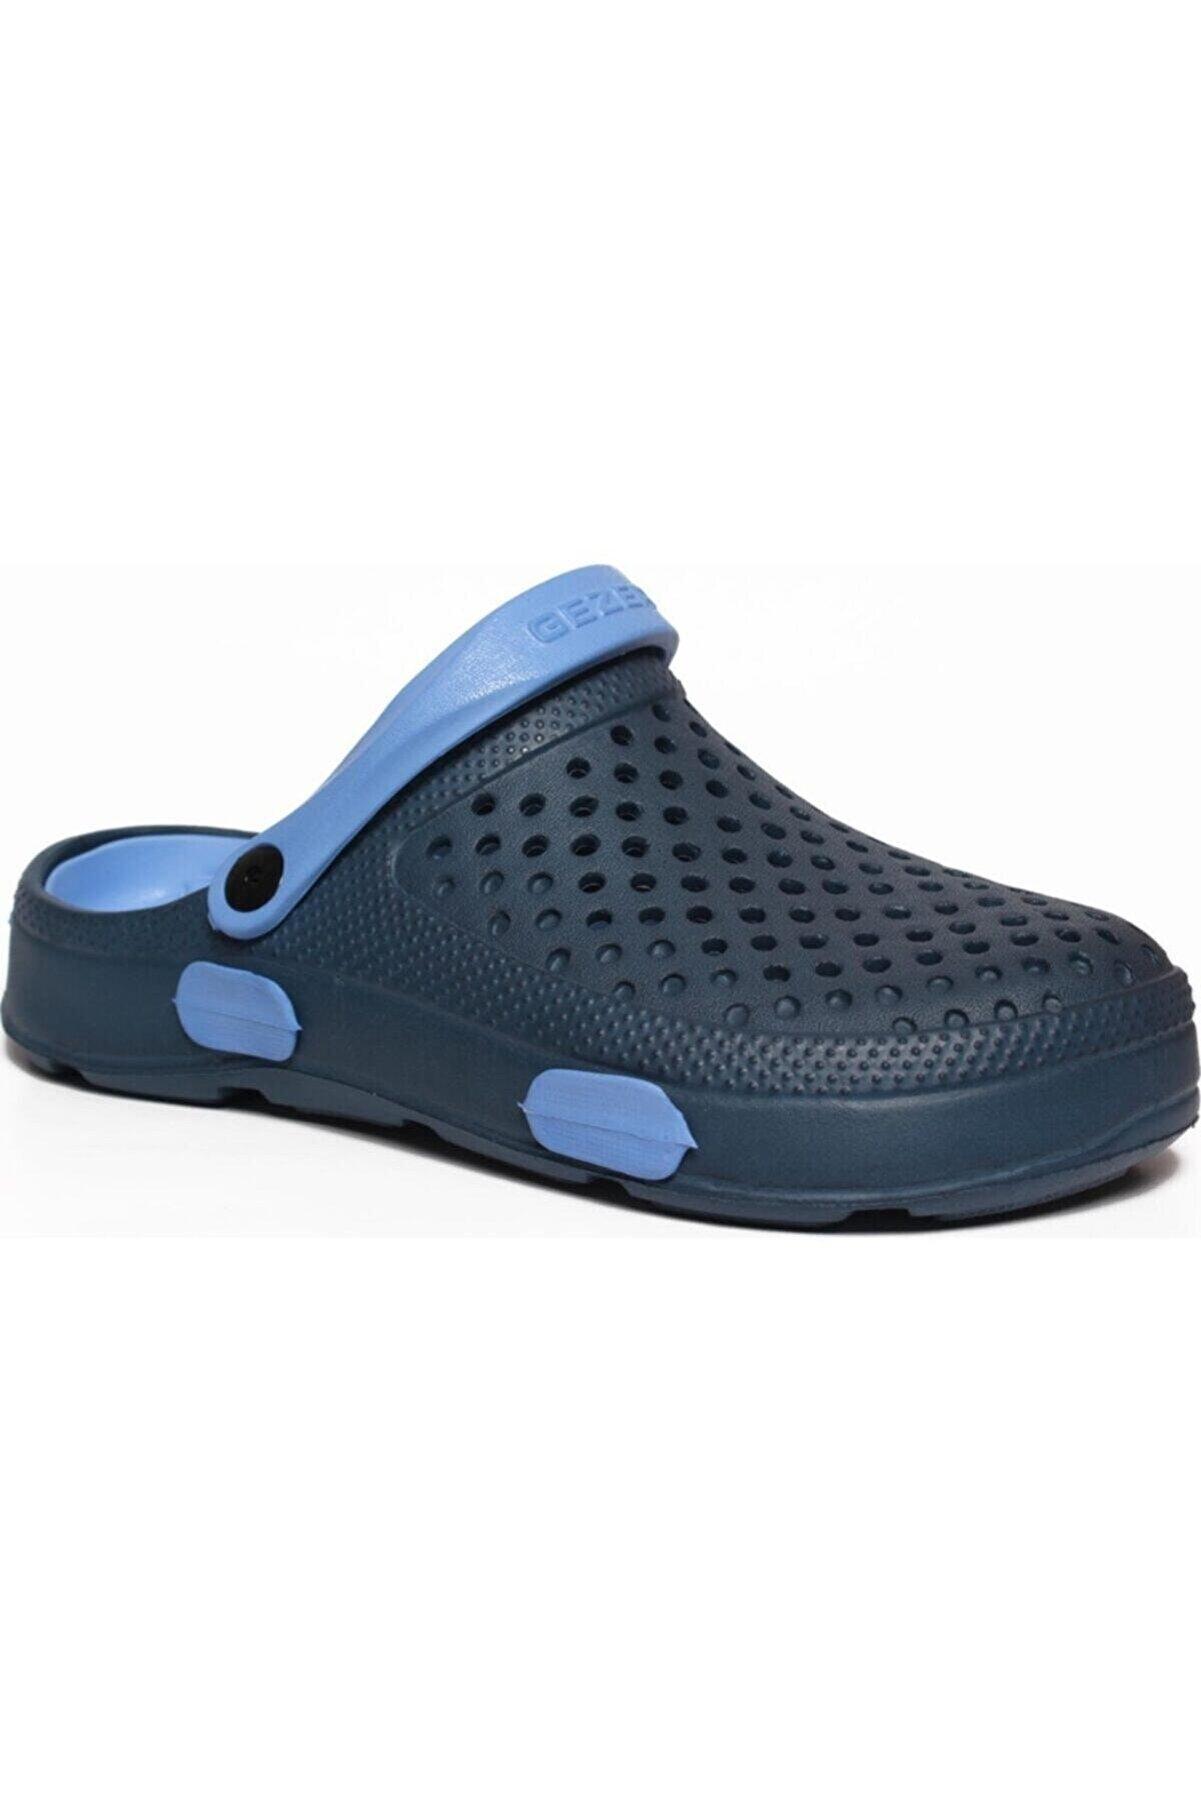 Gezer 9626 Lacivert-mavi Eva Taban Spor Crocs Hastane Ve Iş Terlik 9626 Crocs